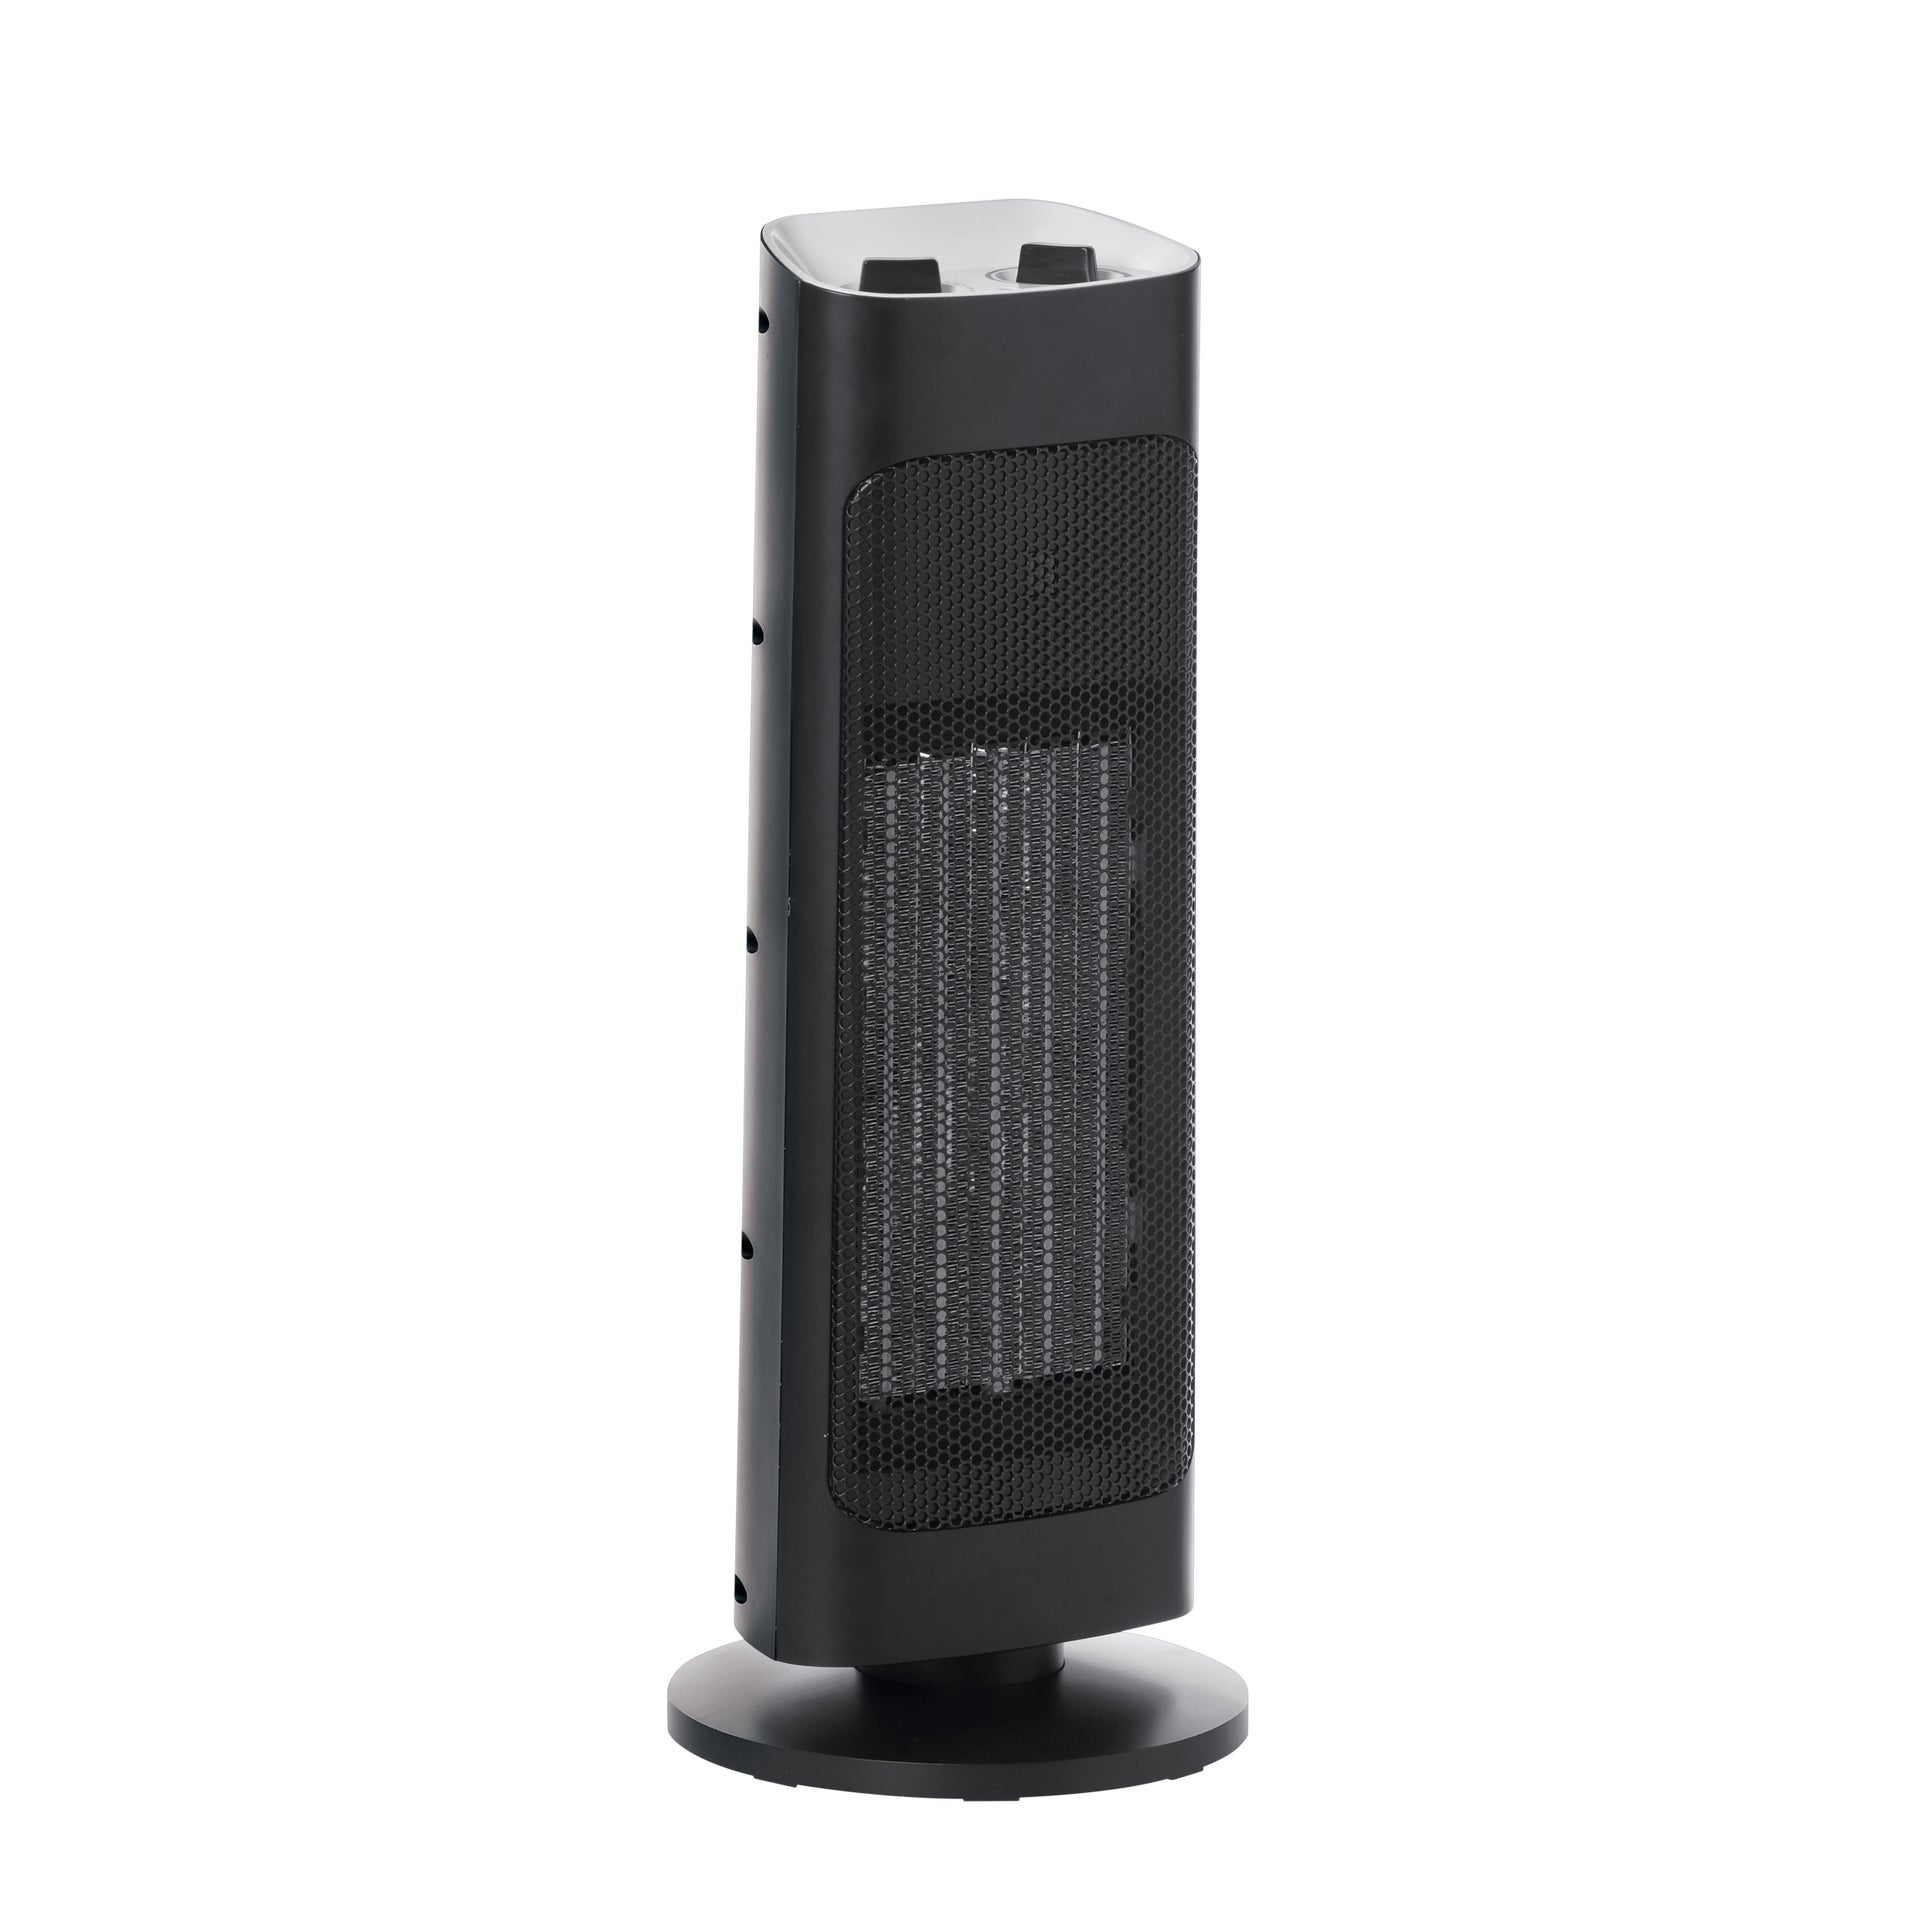 Termoventilatore elettrico EQUATION nero 2000 W - 1